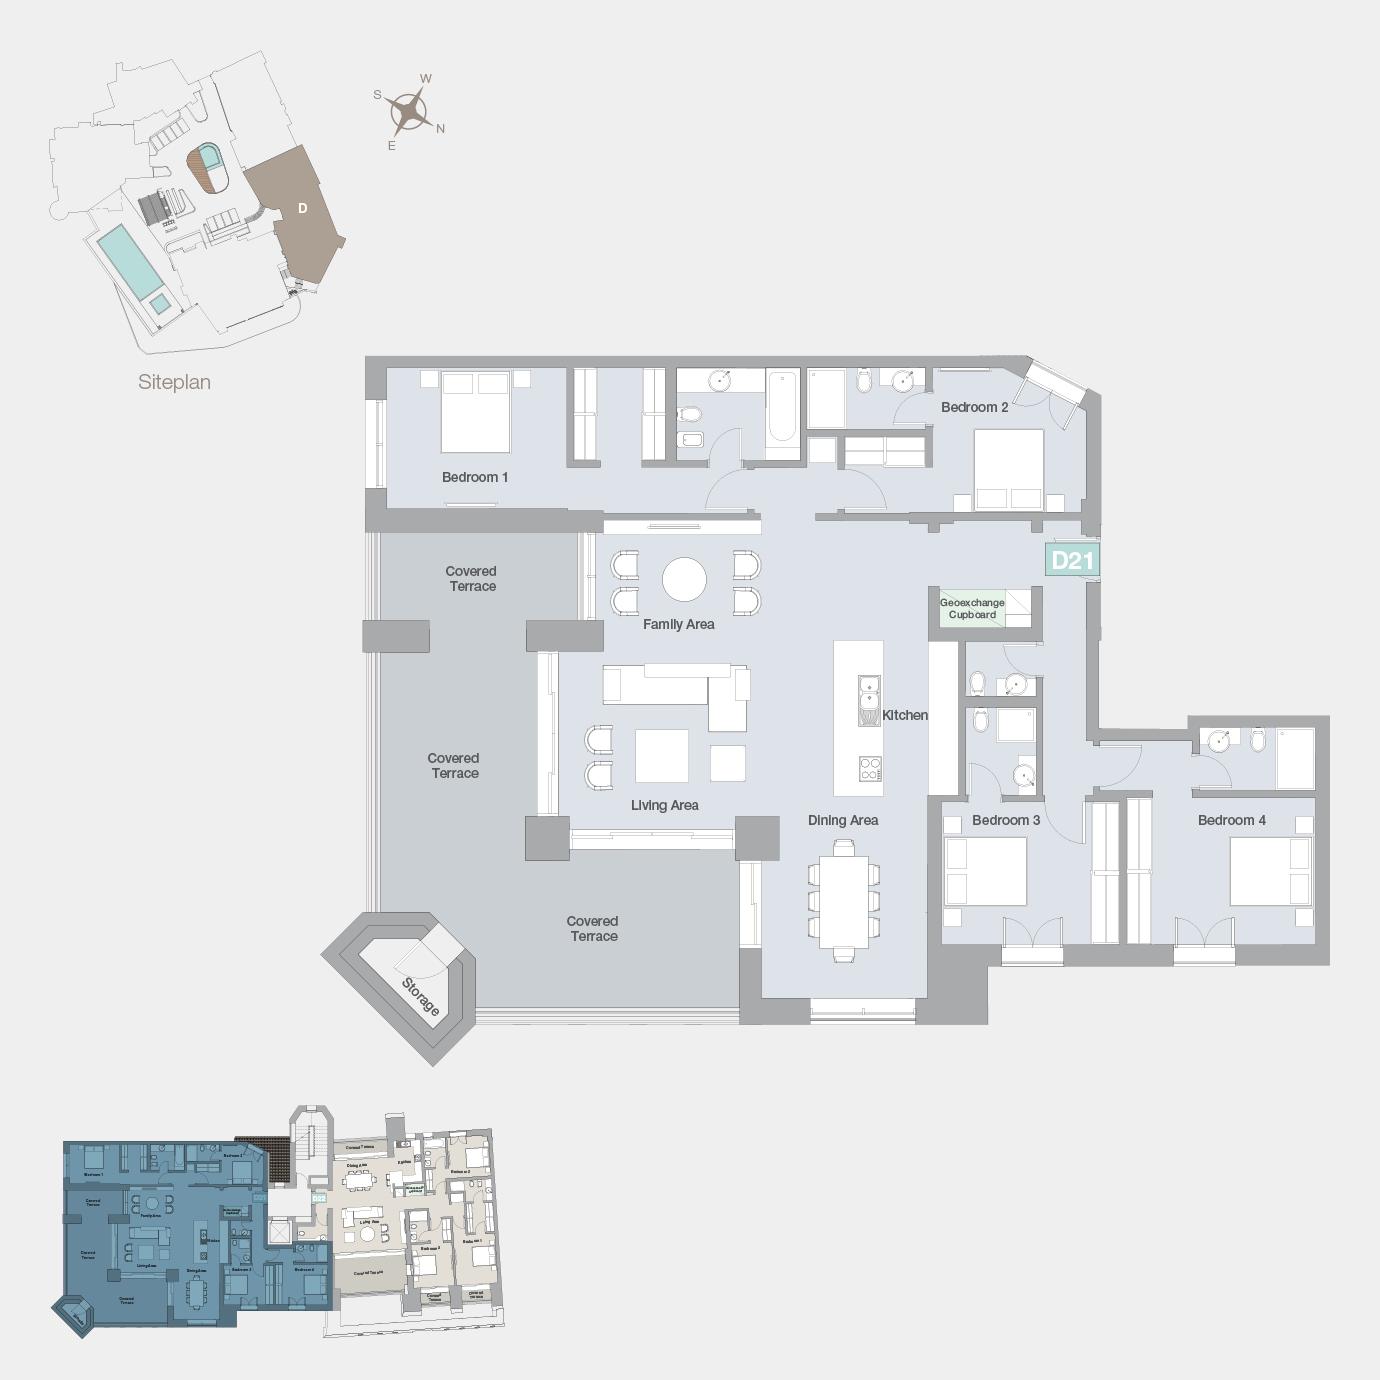 LM_Castle_Residences_D21